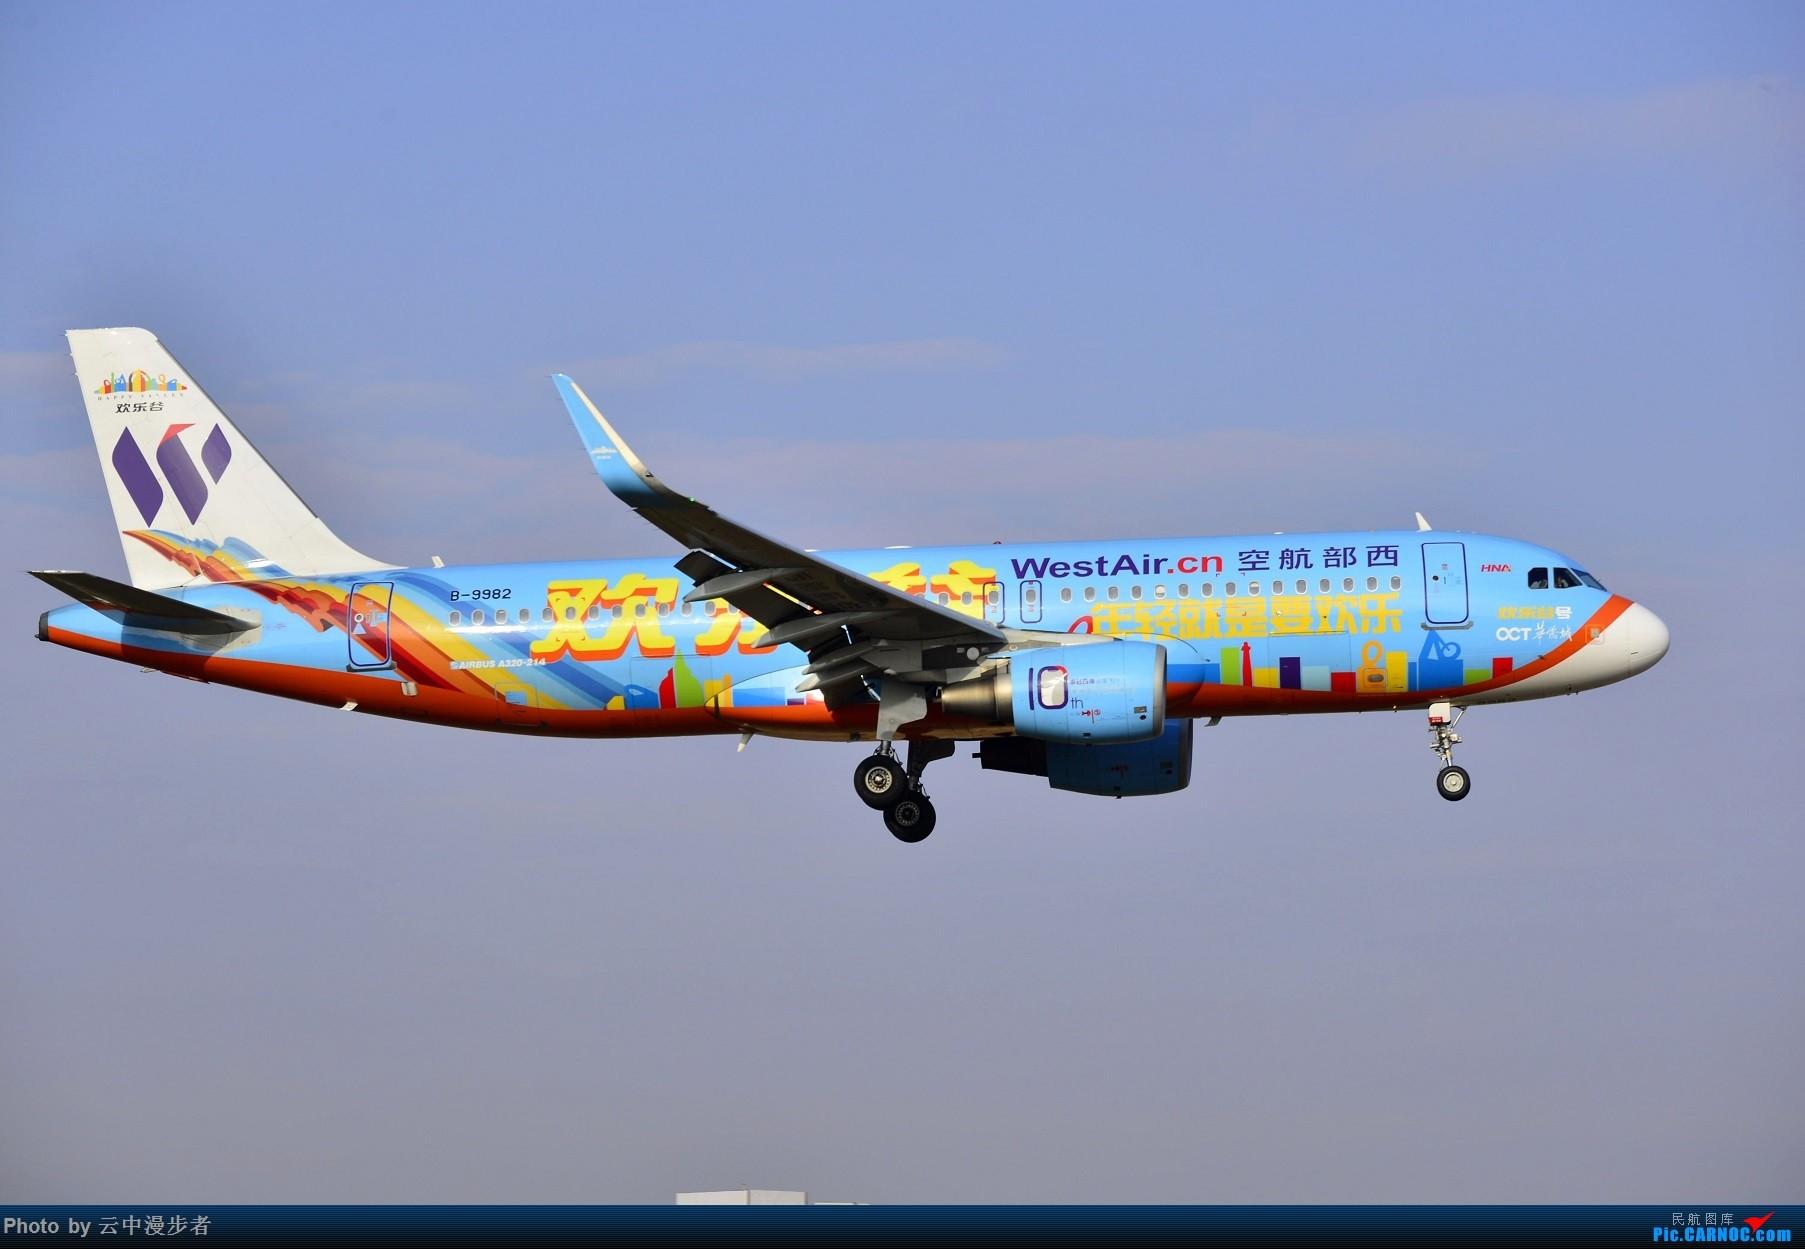 Re:[原创]元旦就要欢乐 AIRBUS A320-200 B-9982 中国泉州晋江国际机场